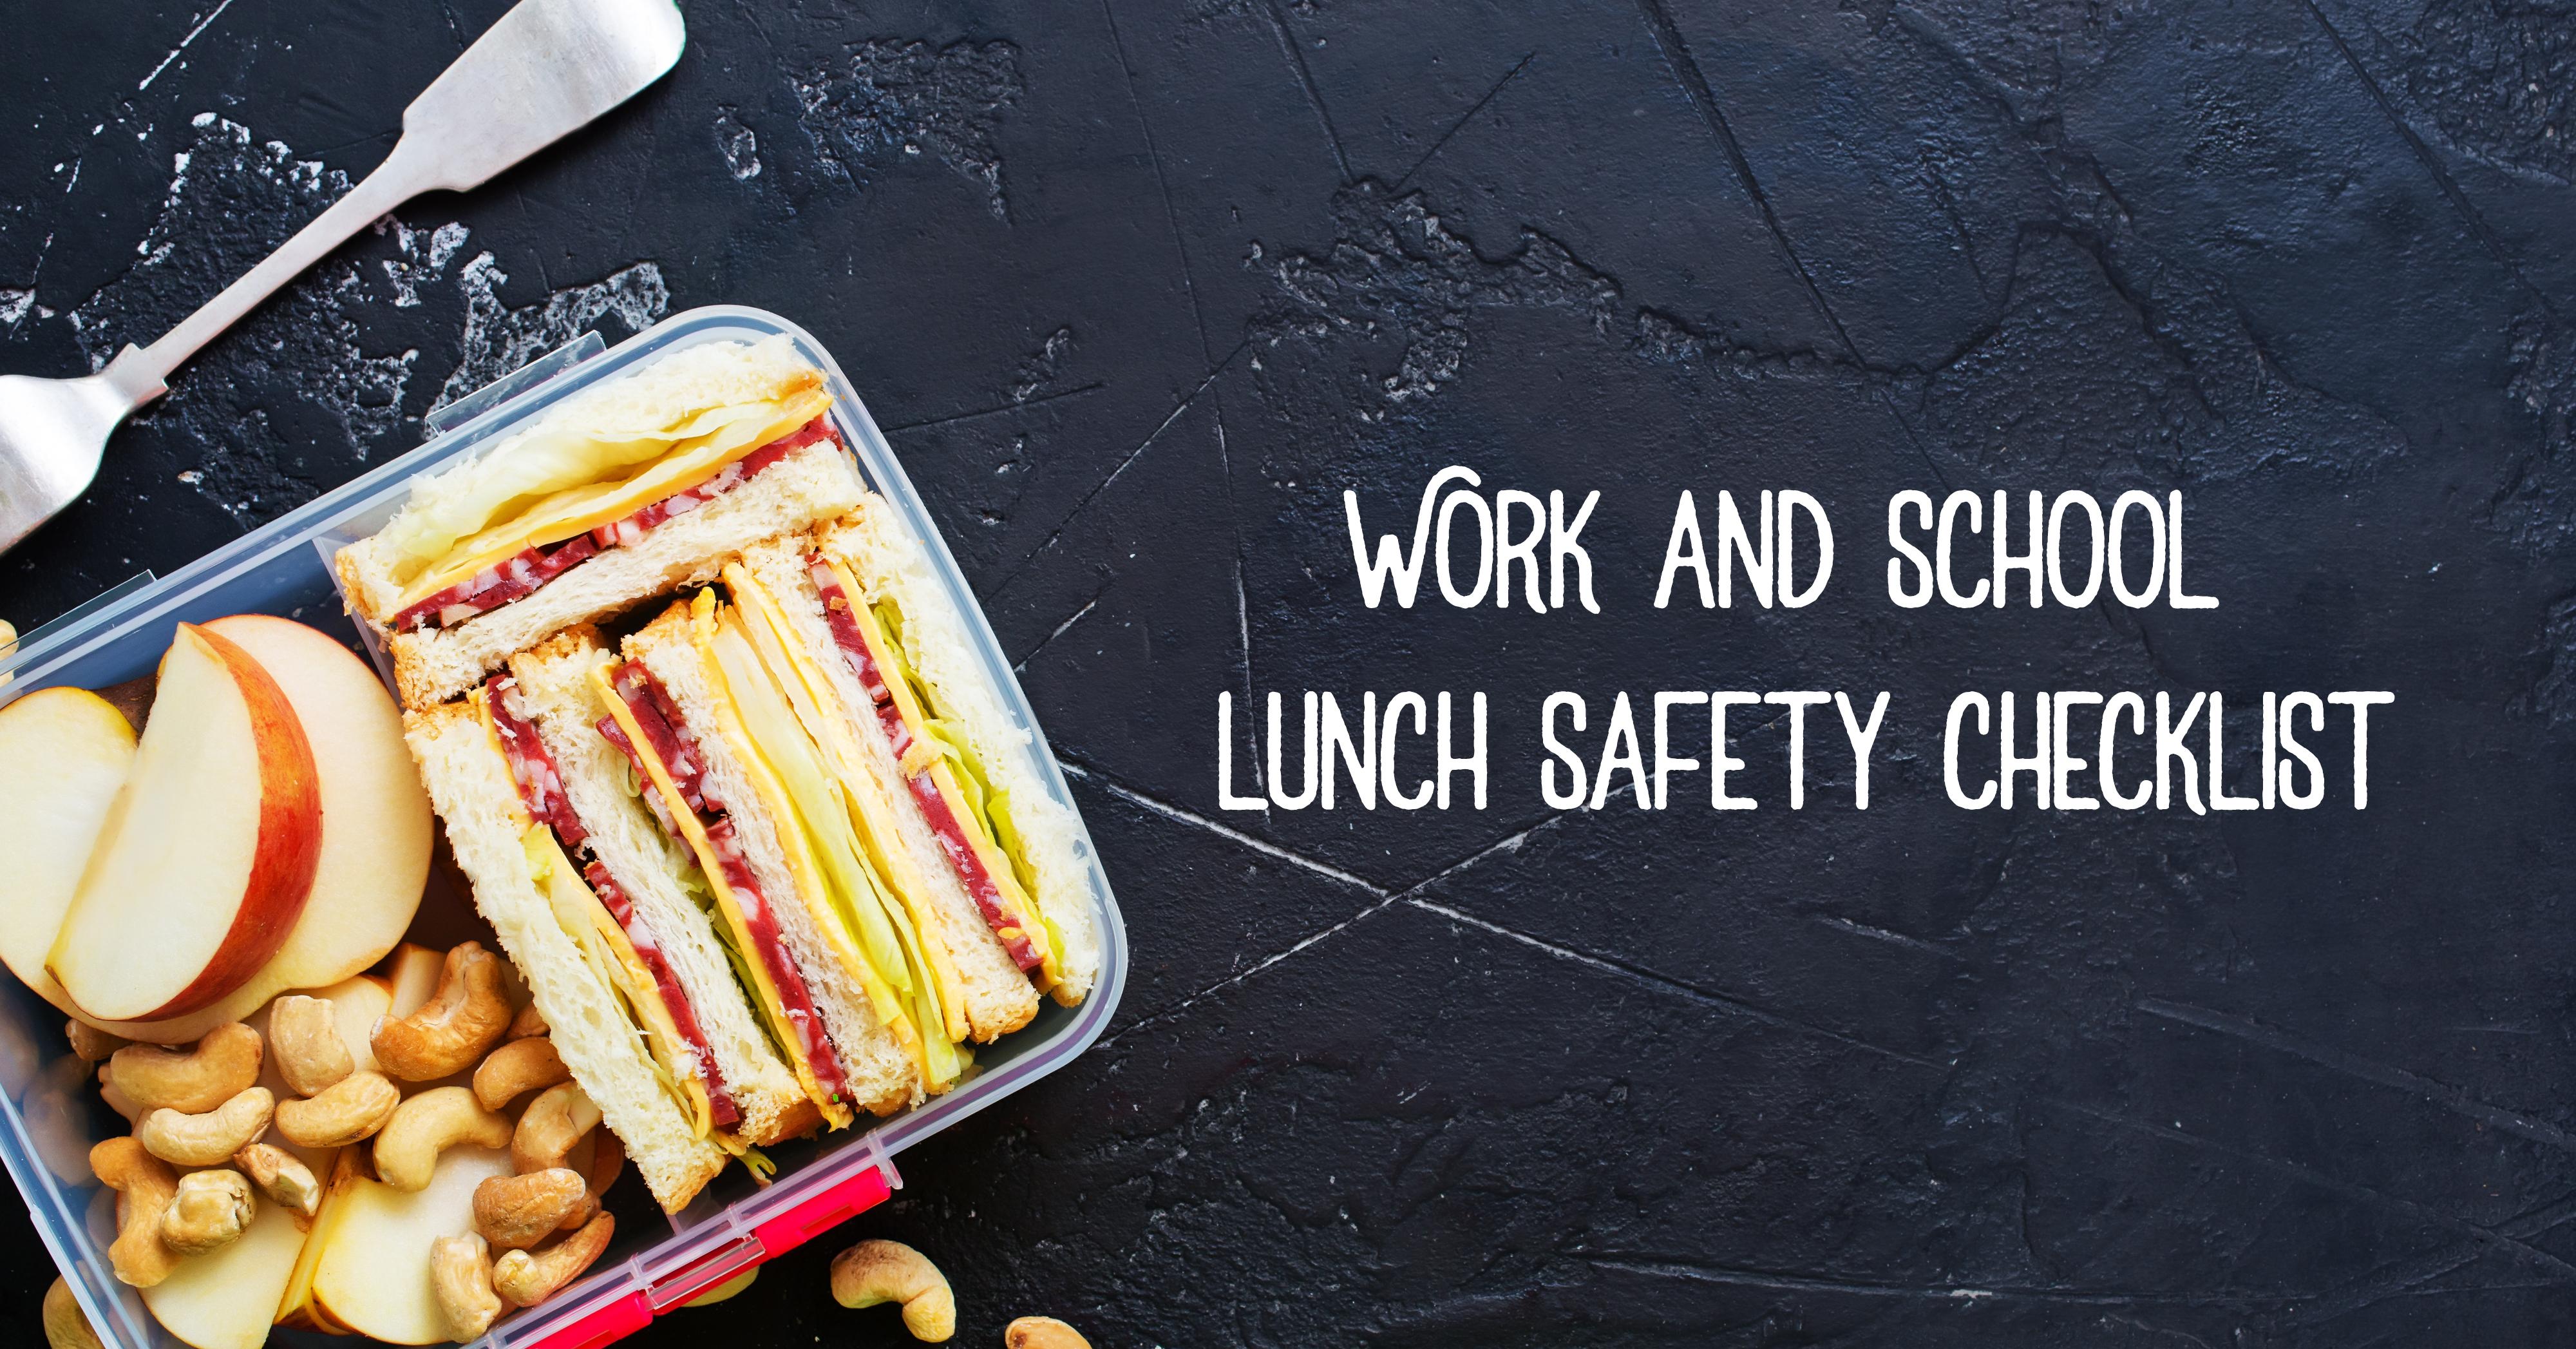 Work and school lunch safety checklist